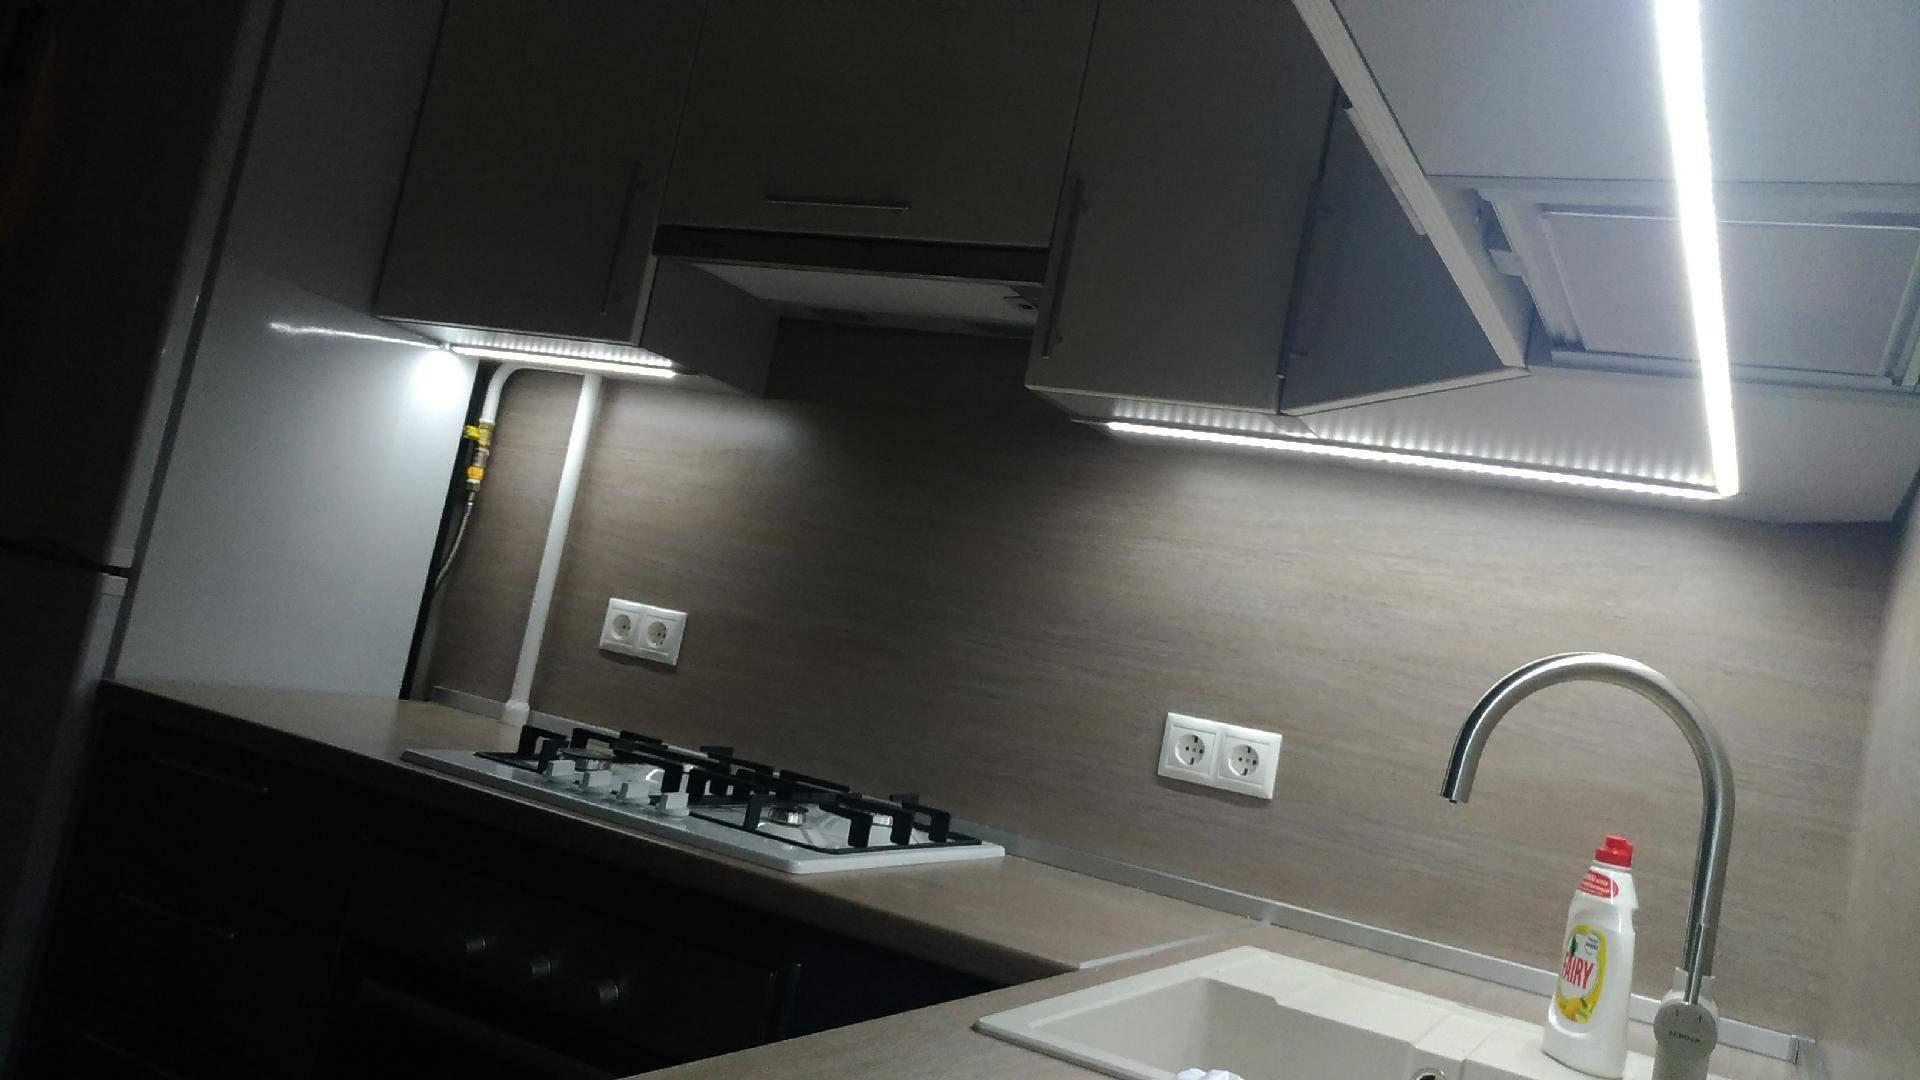 Подсветка рабочей зоны на кухне: принципы правильной организации освещения (86 фото + видео)